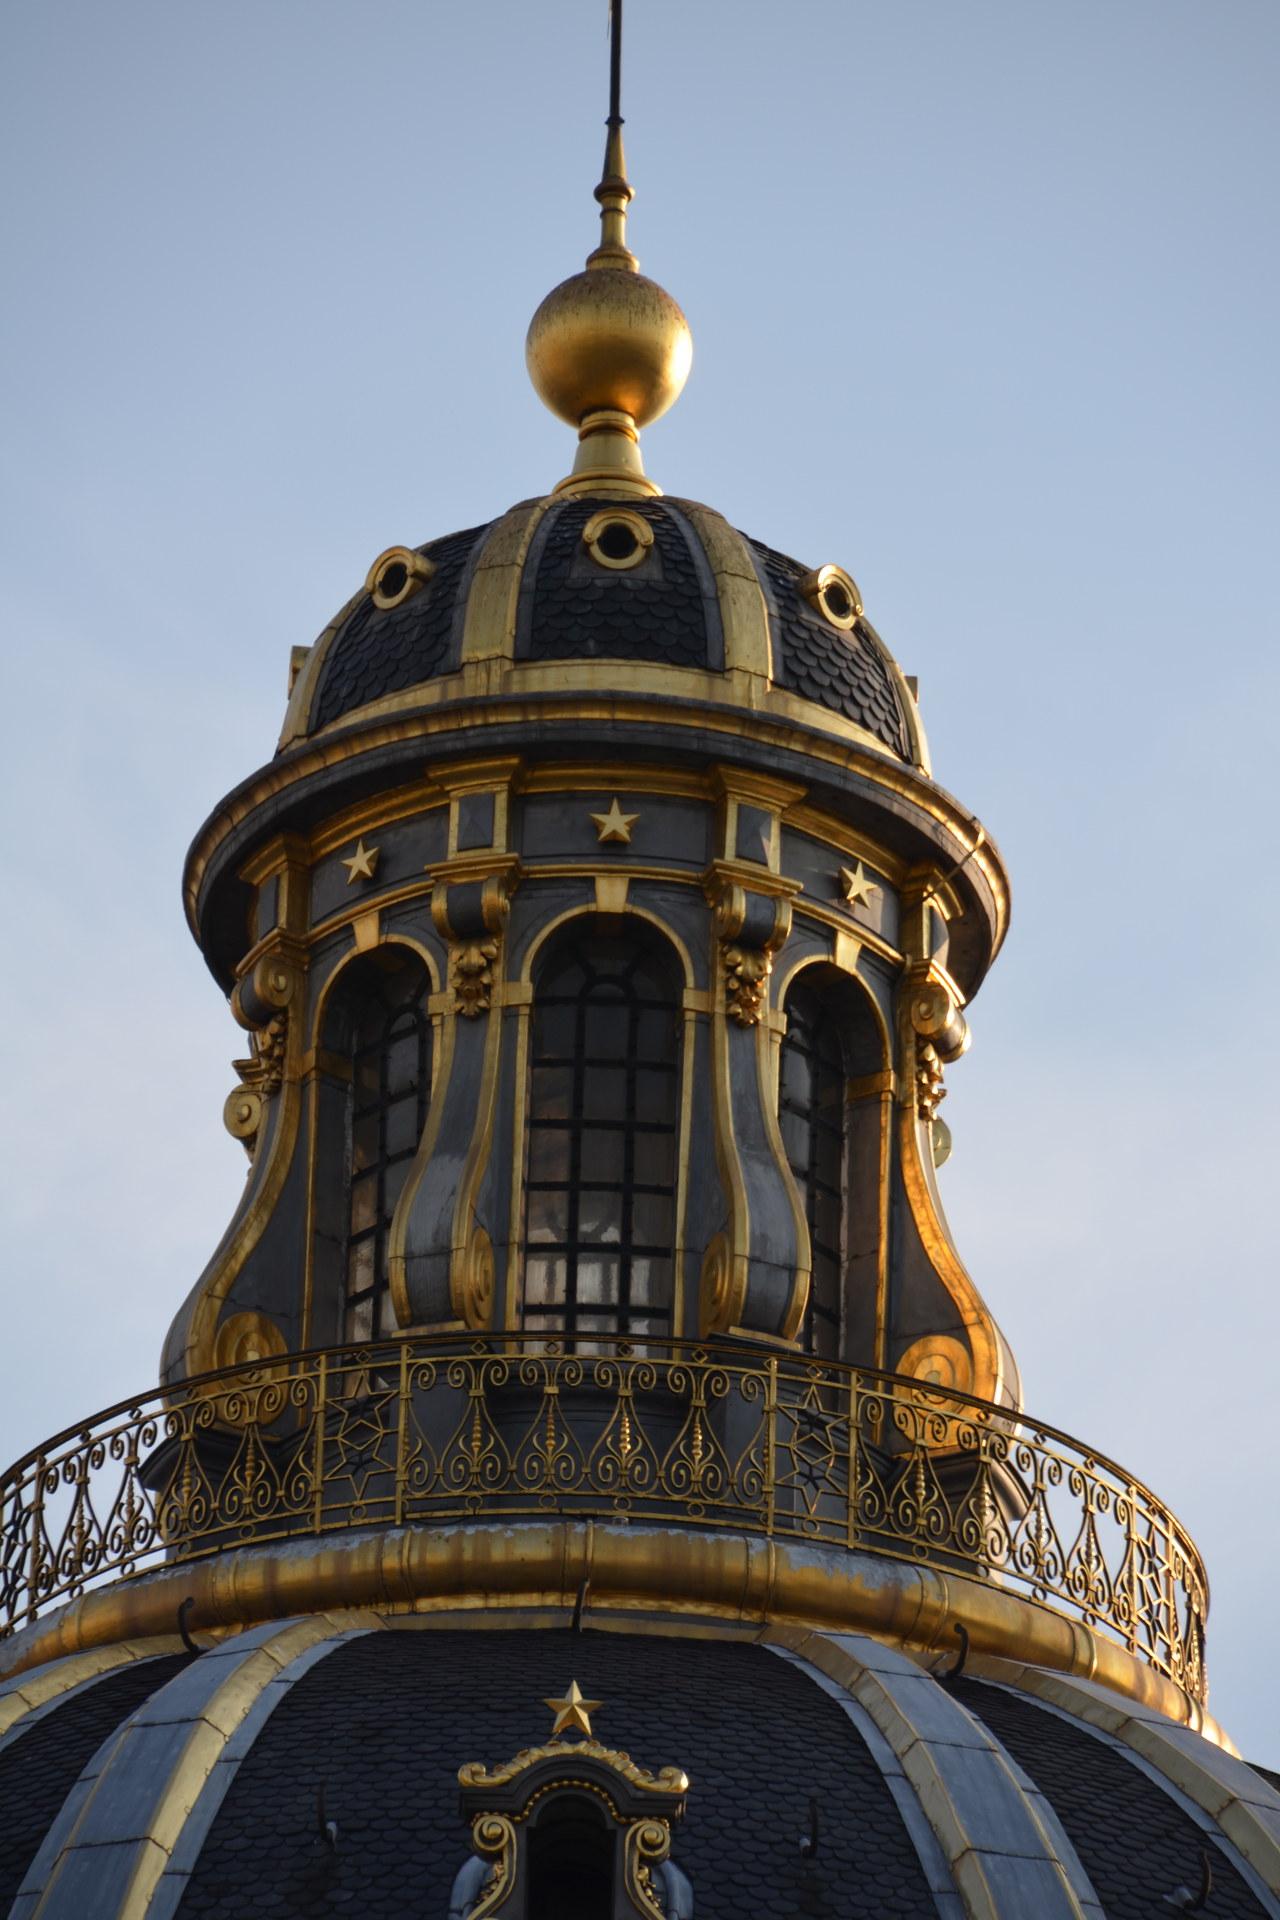 望み……望見 - フランス学士院のドーム